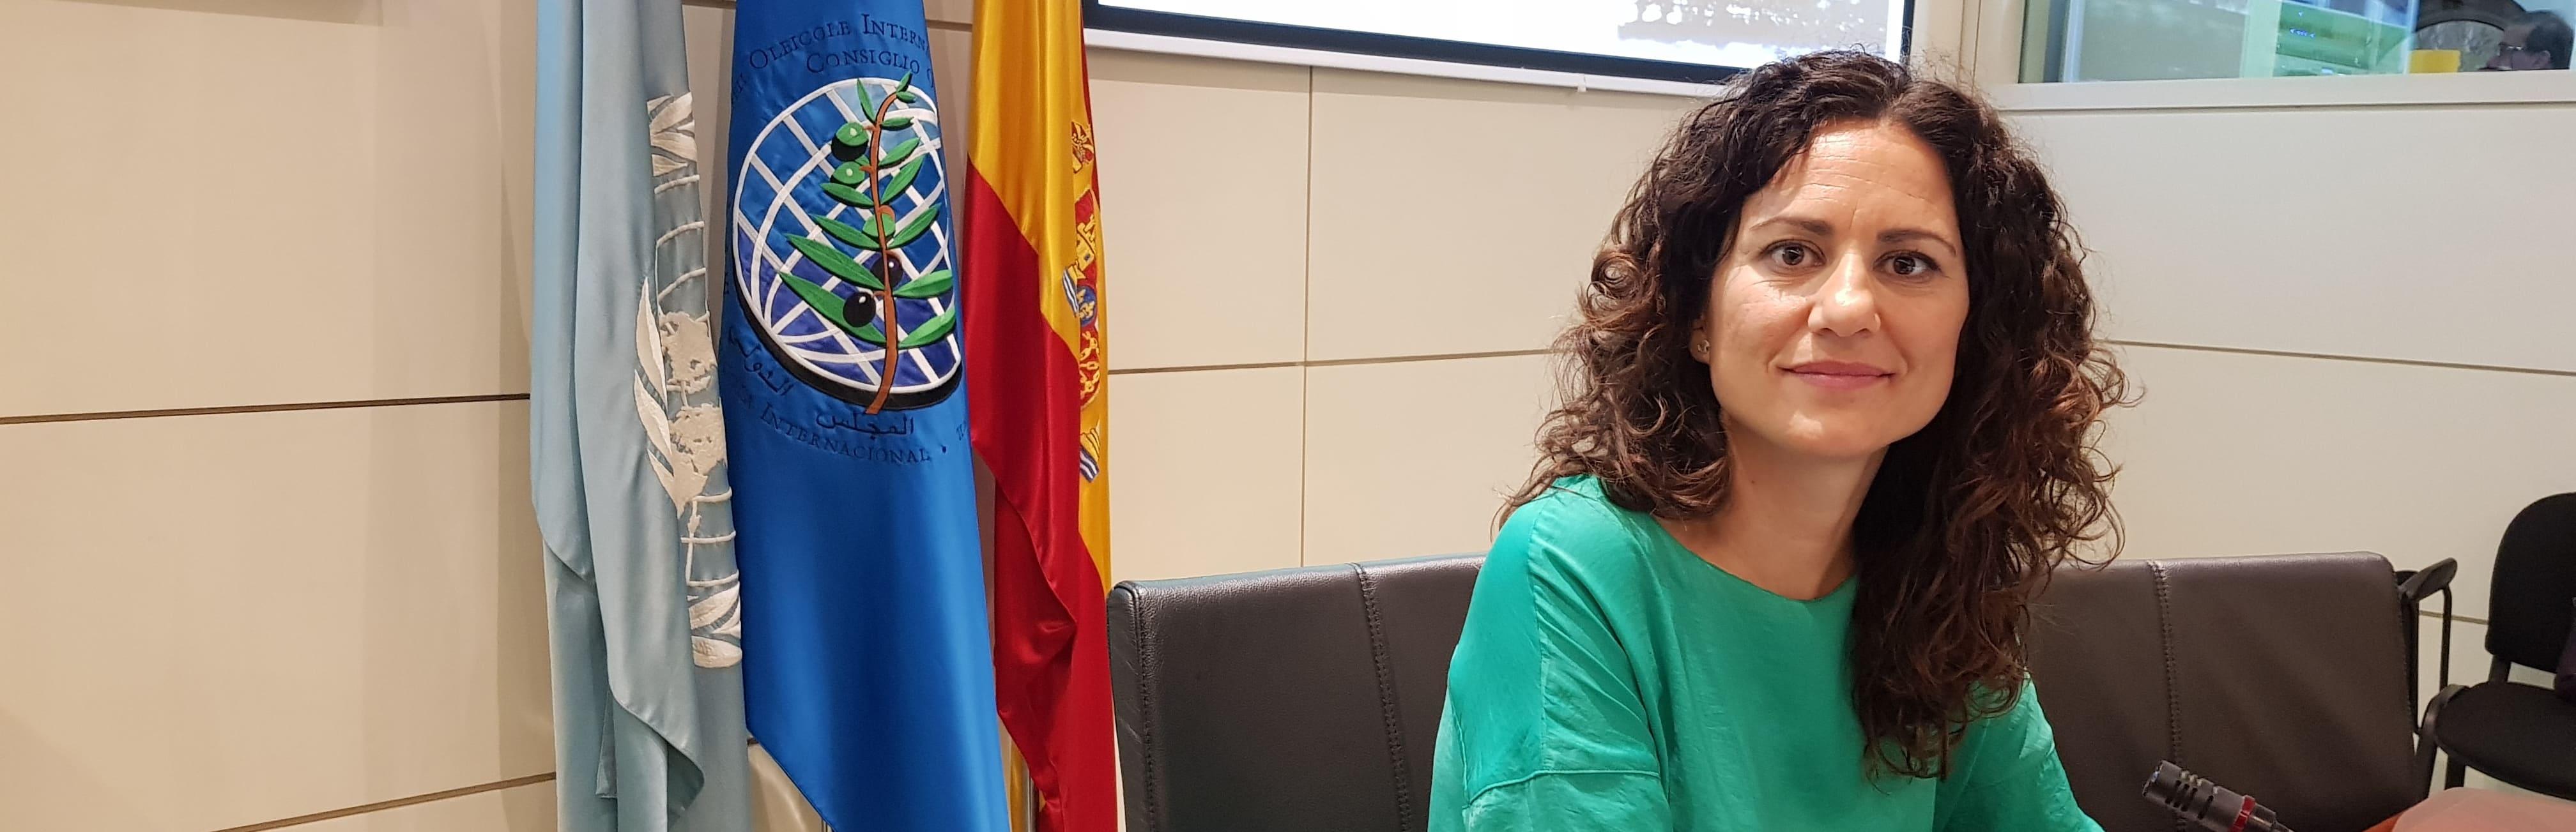 Macarena Díaz Ramos, jefa de panel del laboratorio Indlab en el Curso Internacional para jefes de panel del COI